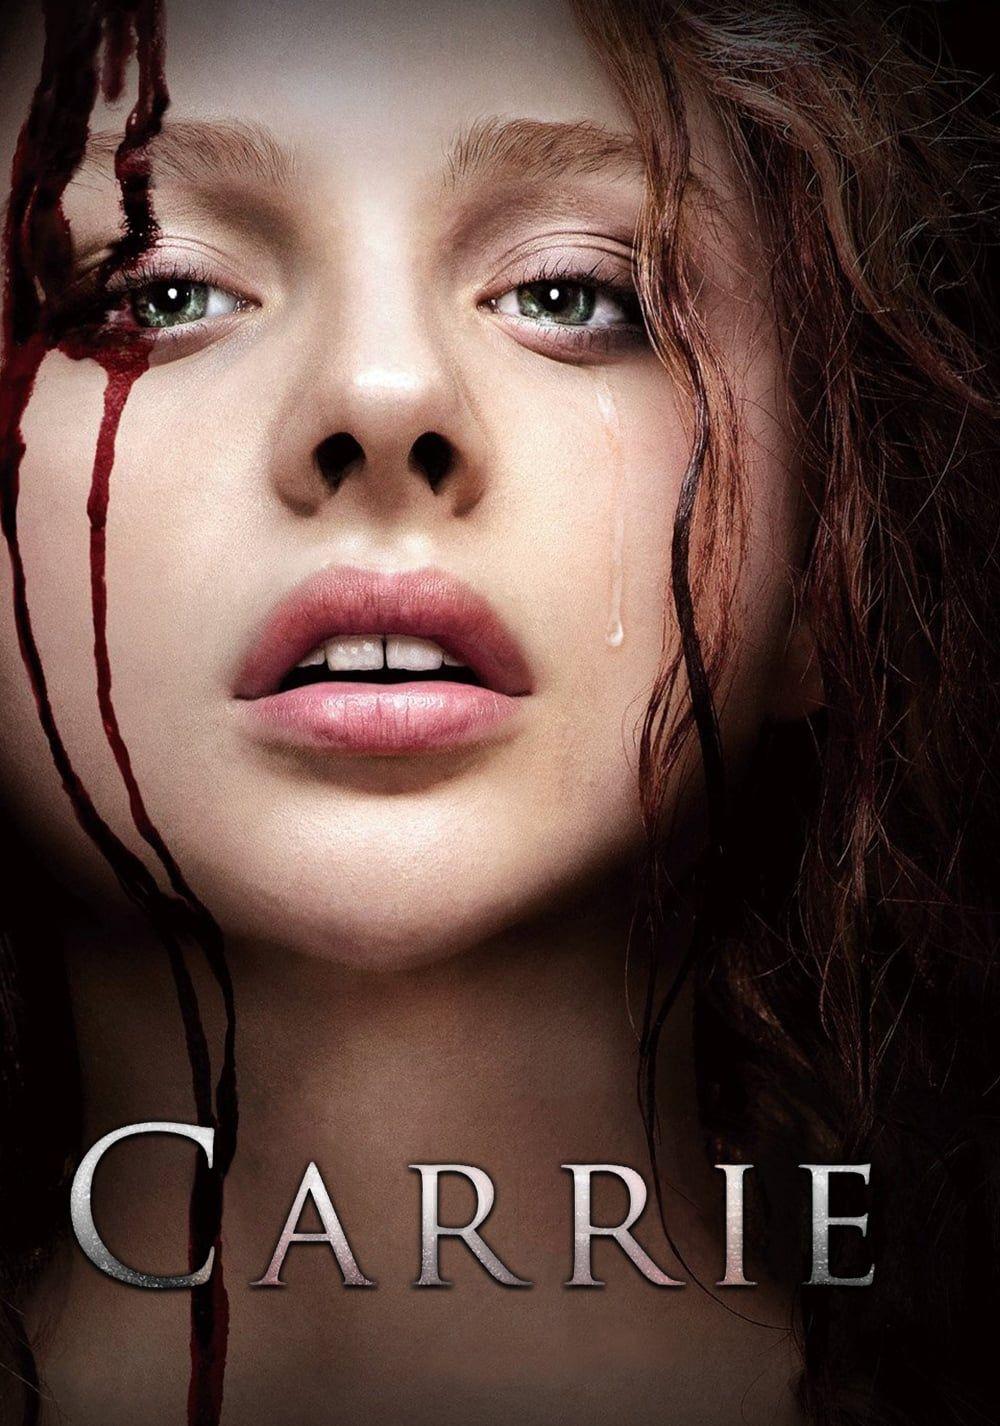 Carrie Gunah Tohumu Carrie Psisik Gucleri Olan Bir Kizin Zorlu Hayat Hikayesi Carrie Movie Chloe Grace Chloe Grace Moretz